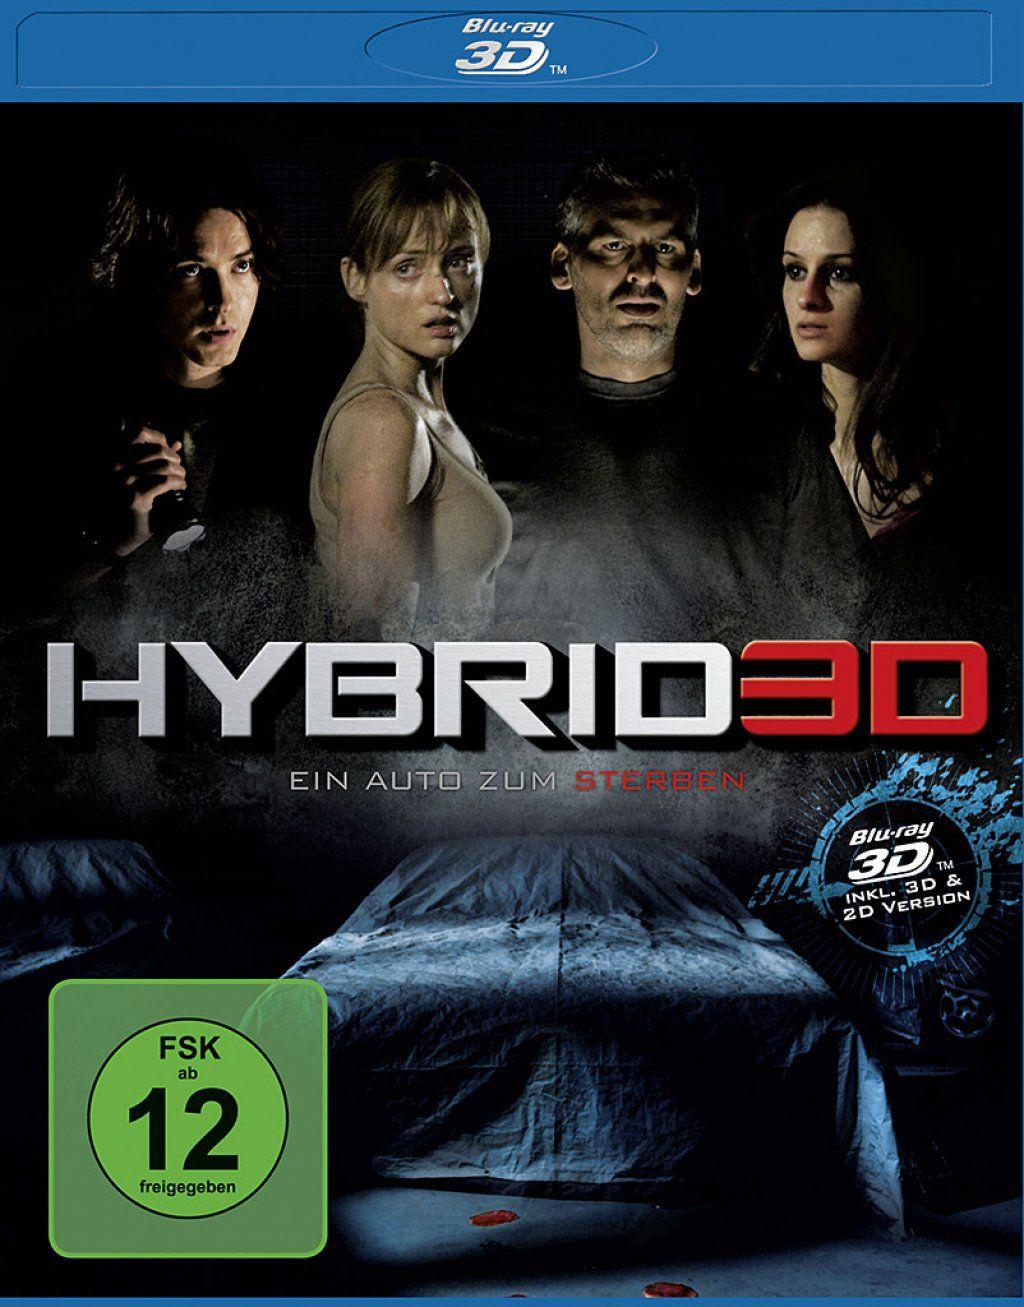 Hybrid 3D - Ein Auto zum Sterben (BLURAY 3D)